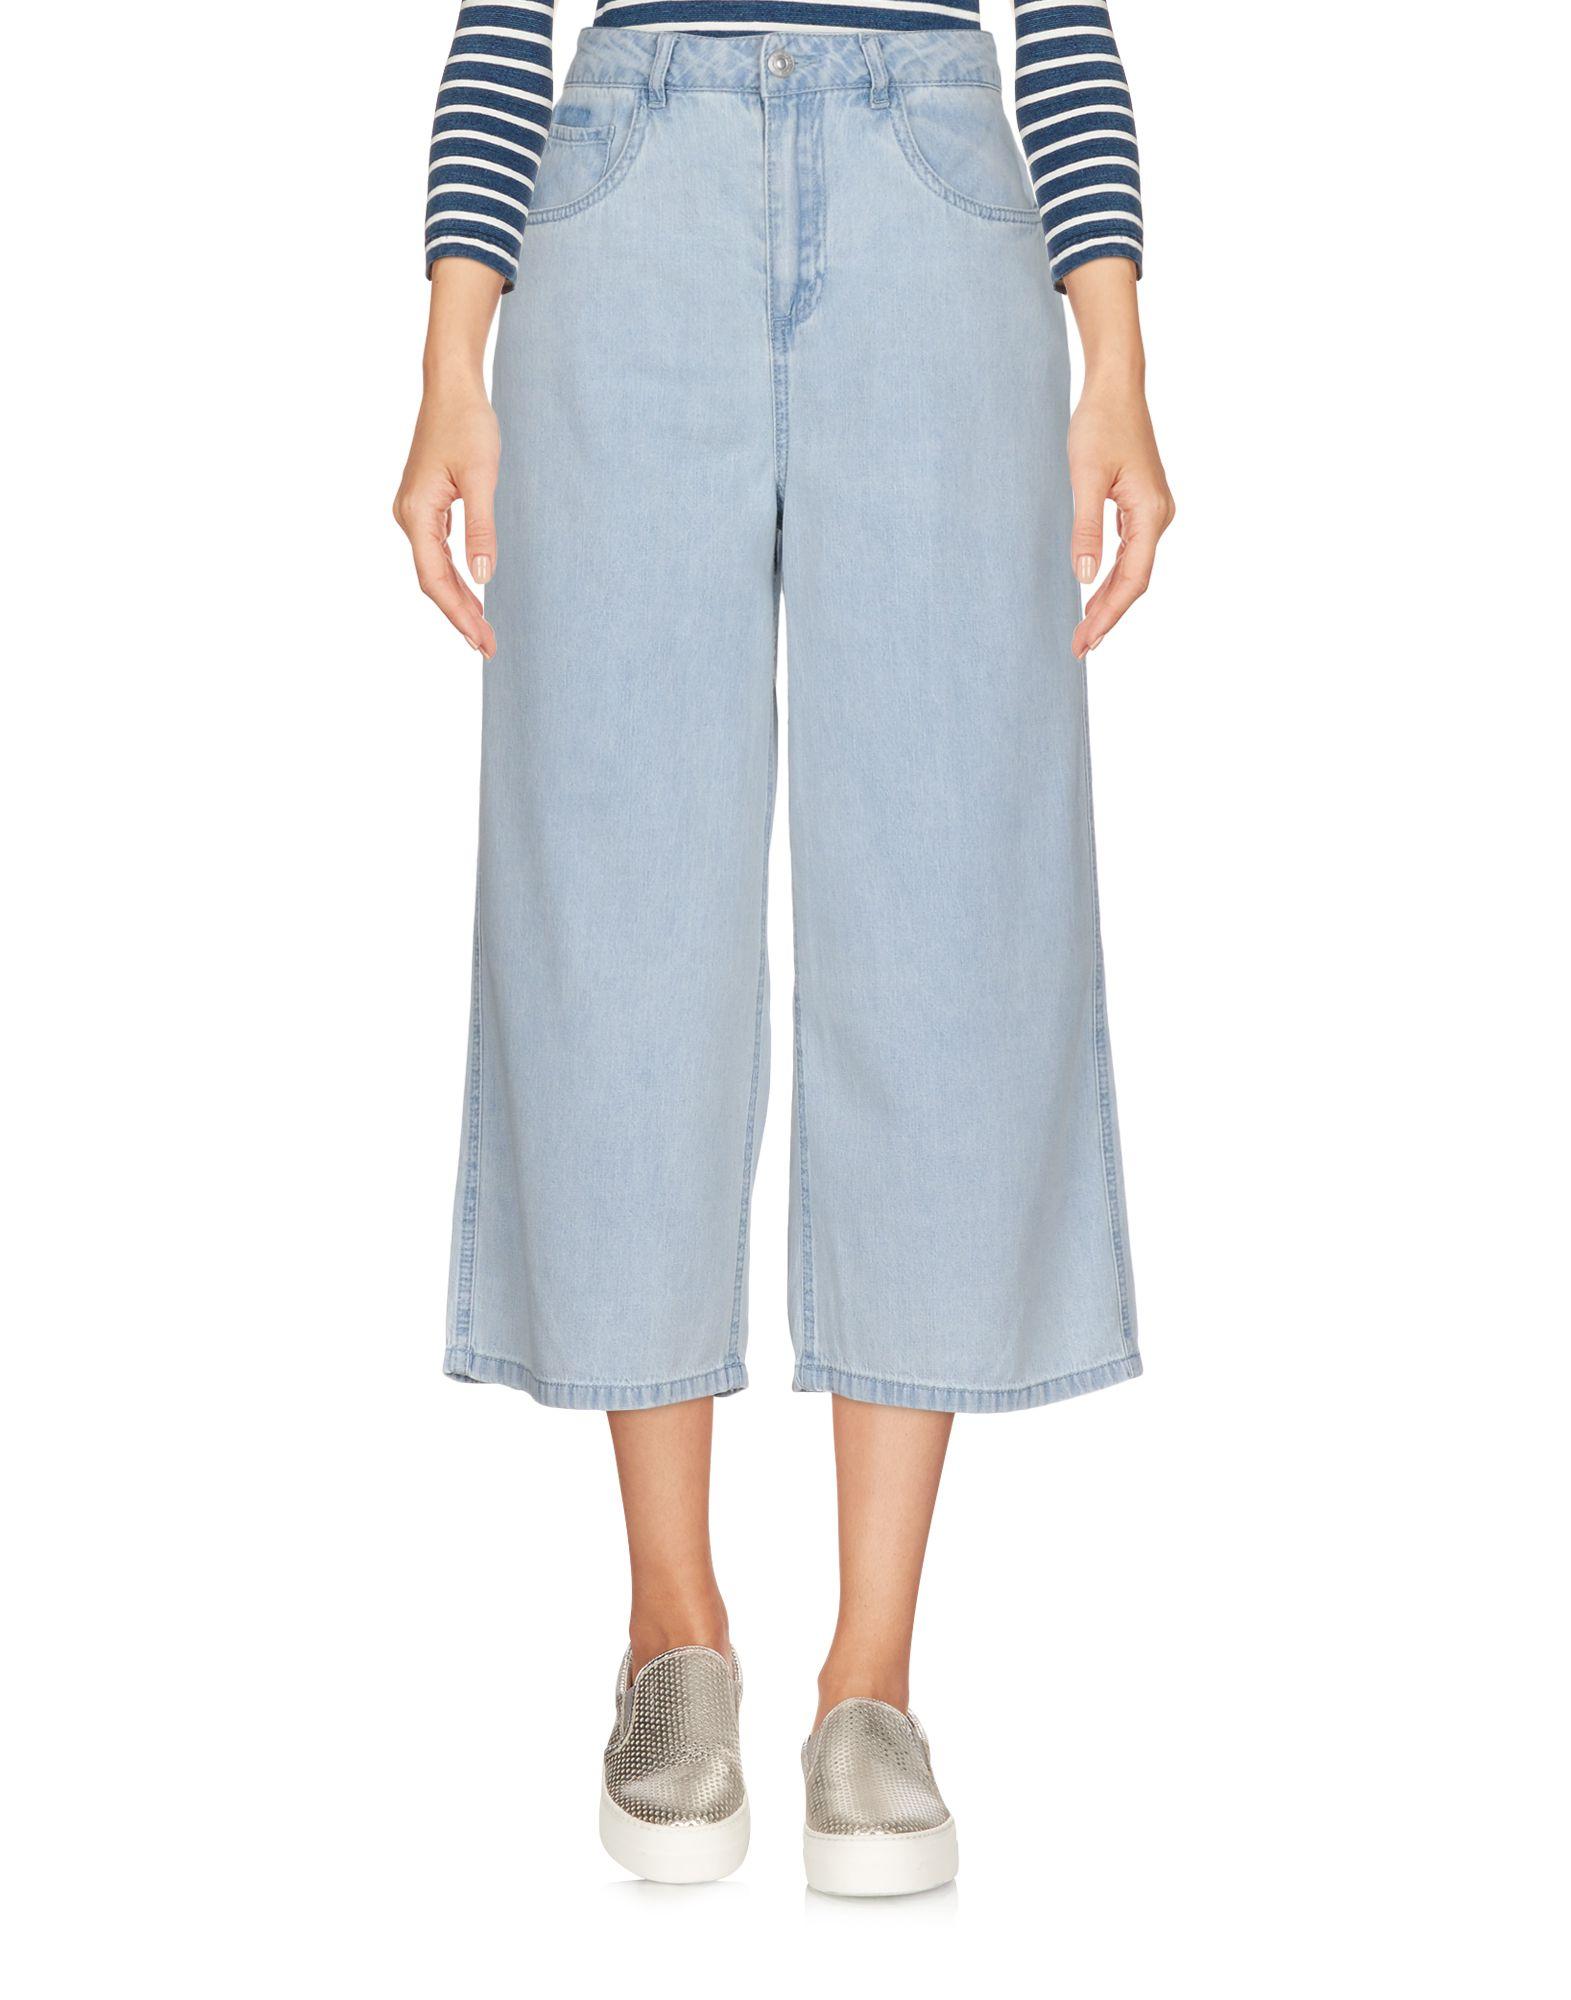 VERO MODA Джинсовые брюки-капри женские брюки лэйт светлый размер 50